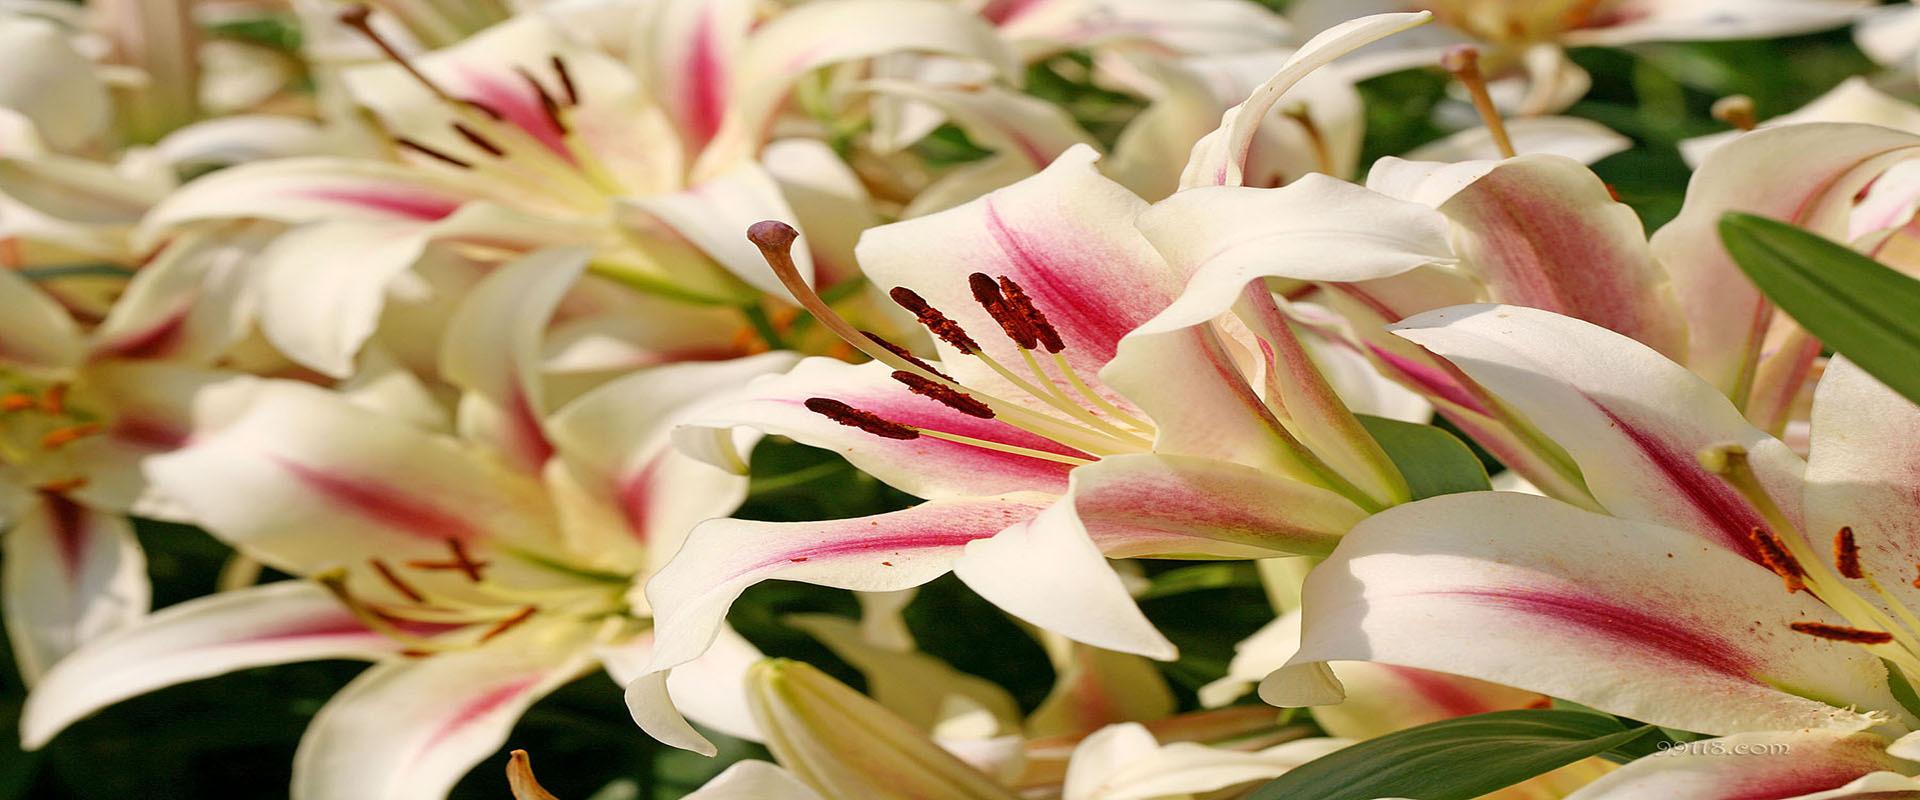 Bouquet flower arrangement lily arrangement background flower pink bouquet flower arrangement lily arrangement background izmirmasajfo